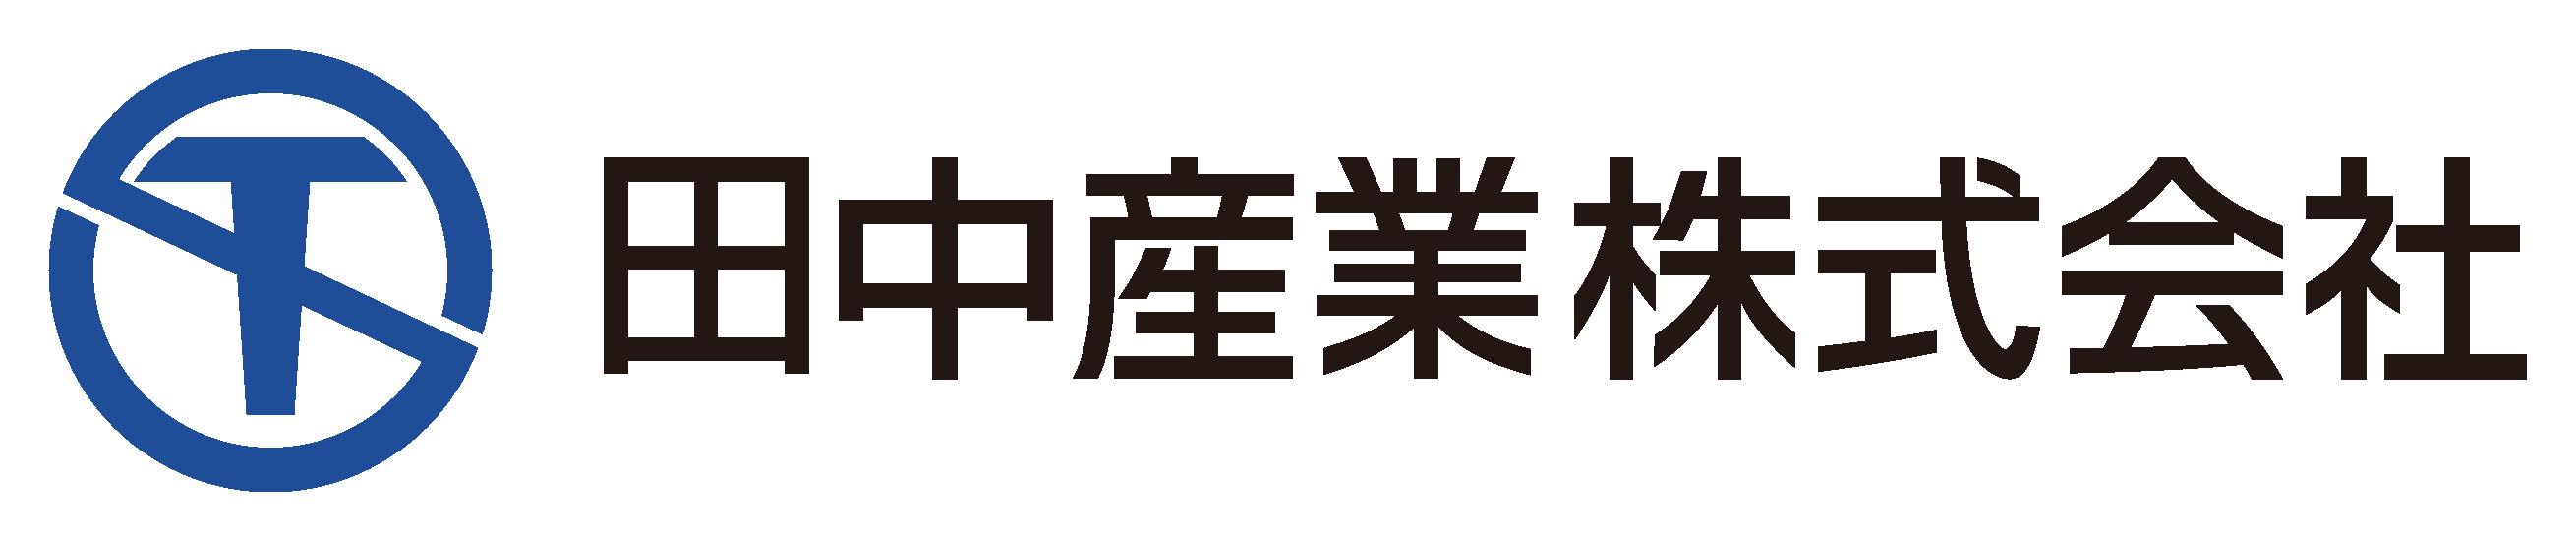 田中産業株式会社-解体・再生・構築のニーズにトータルでお応えいたします。仙台を拠点に宮城・東北がフィールドです。